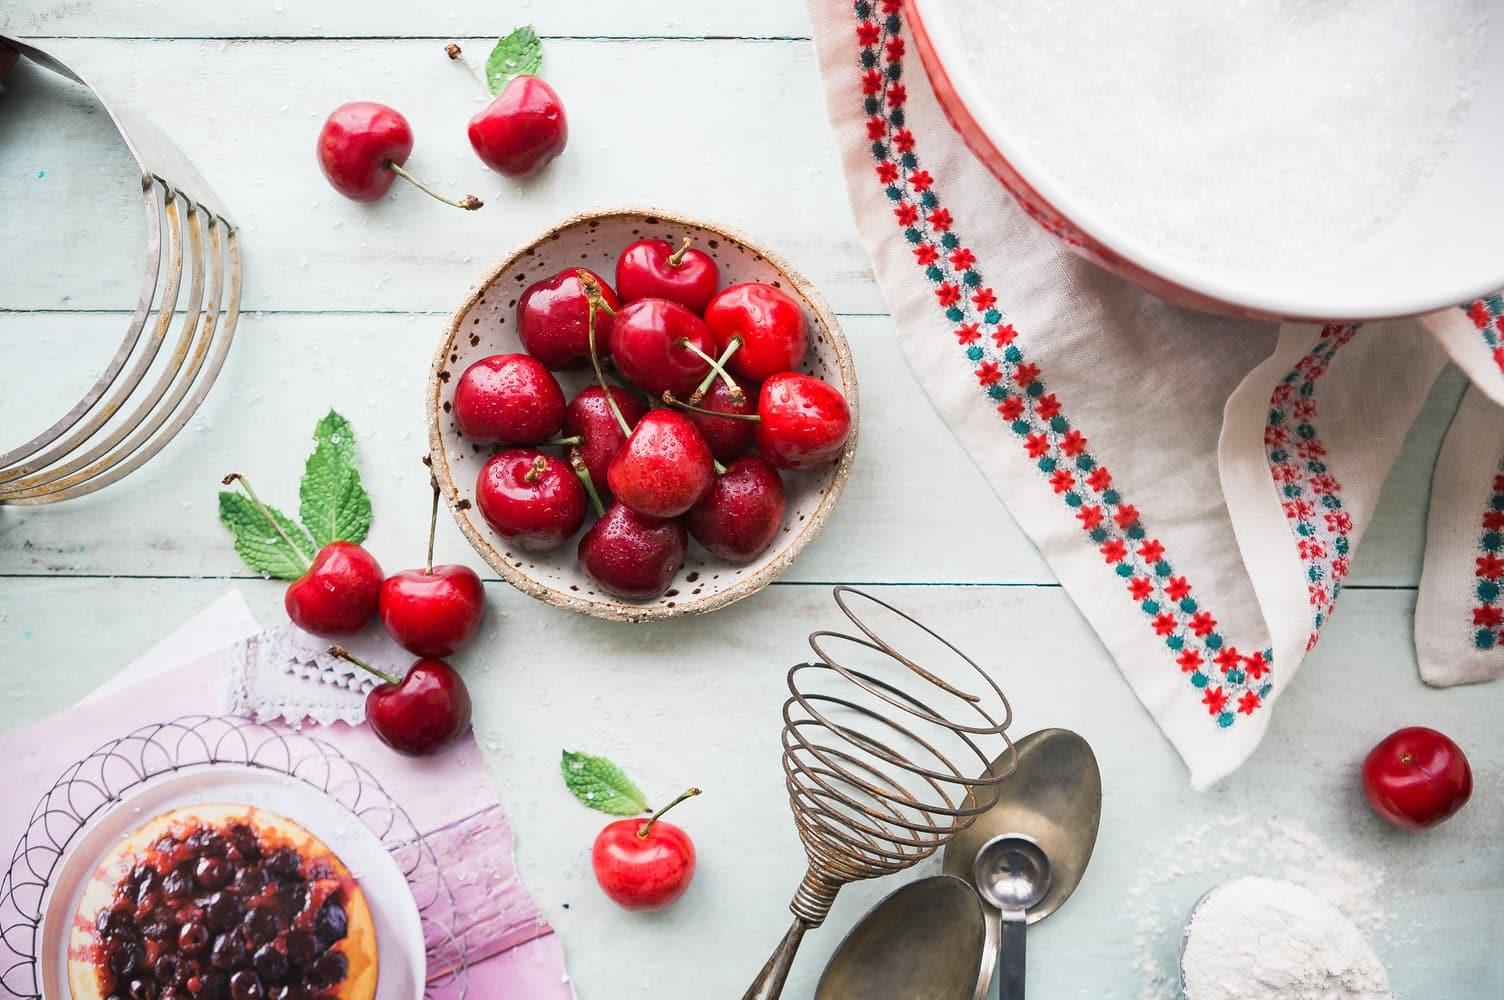 cerises cuisine clafoutis tarte recycler